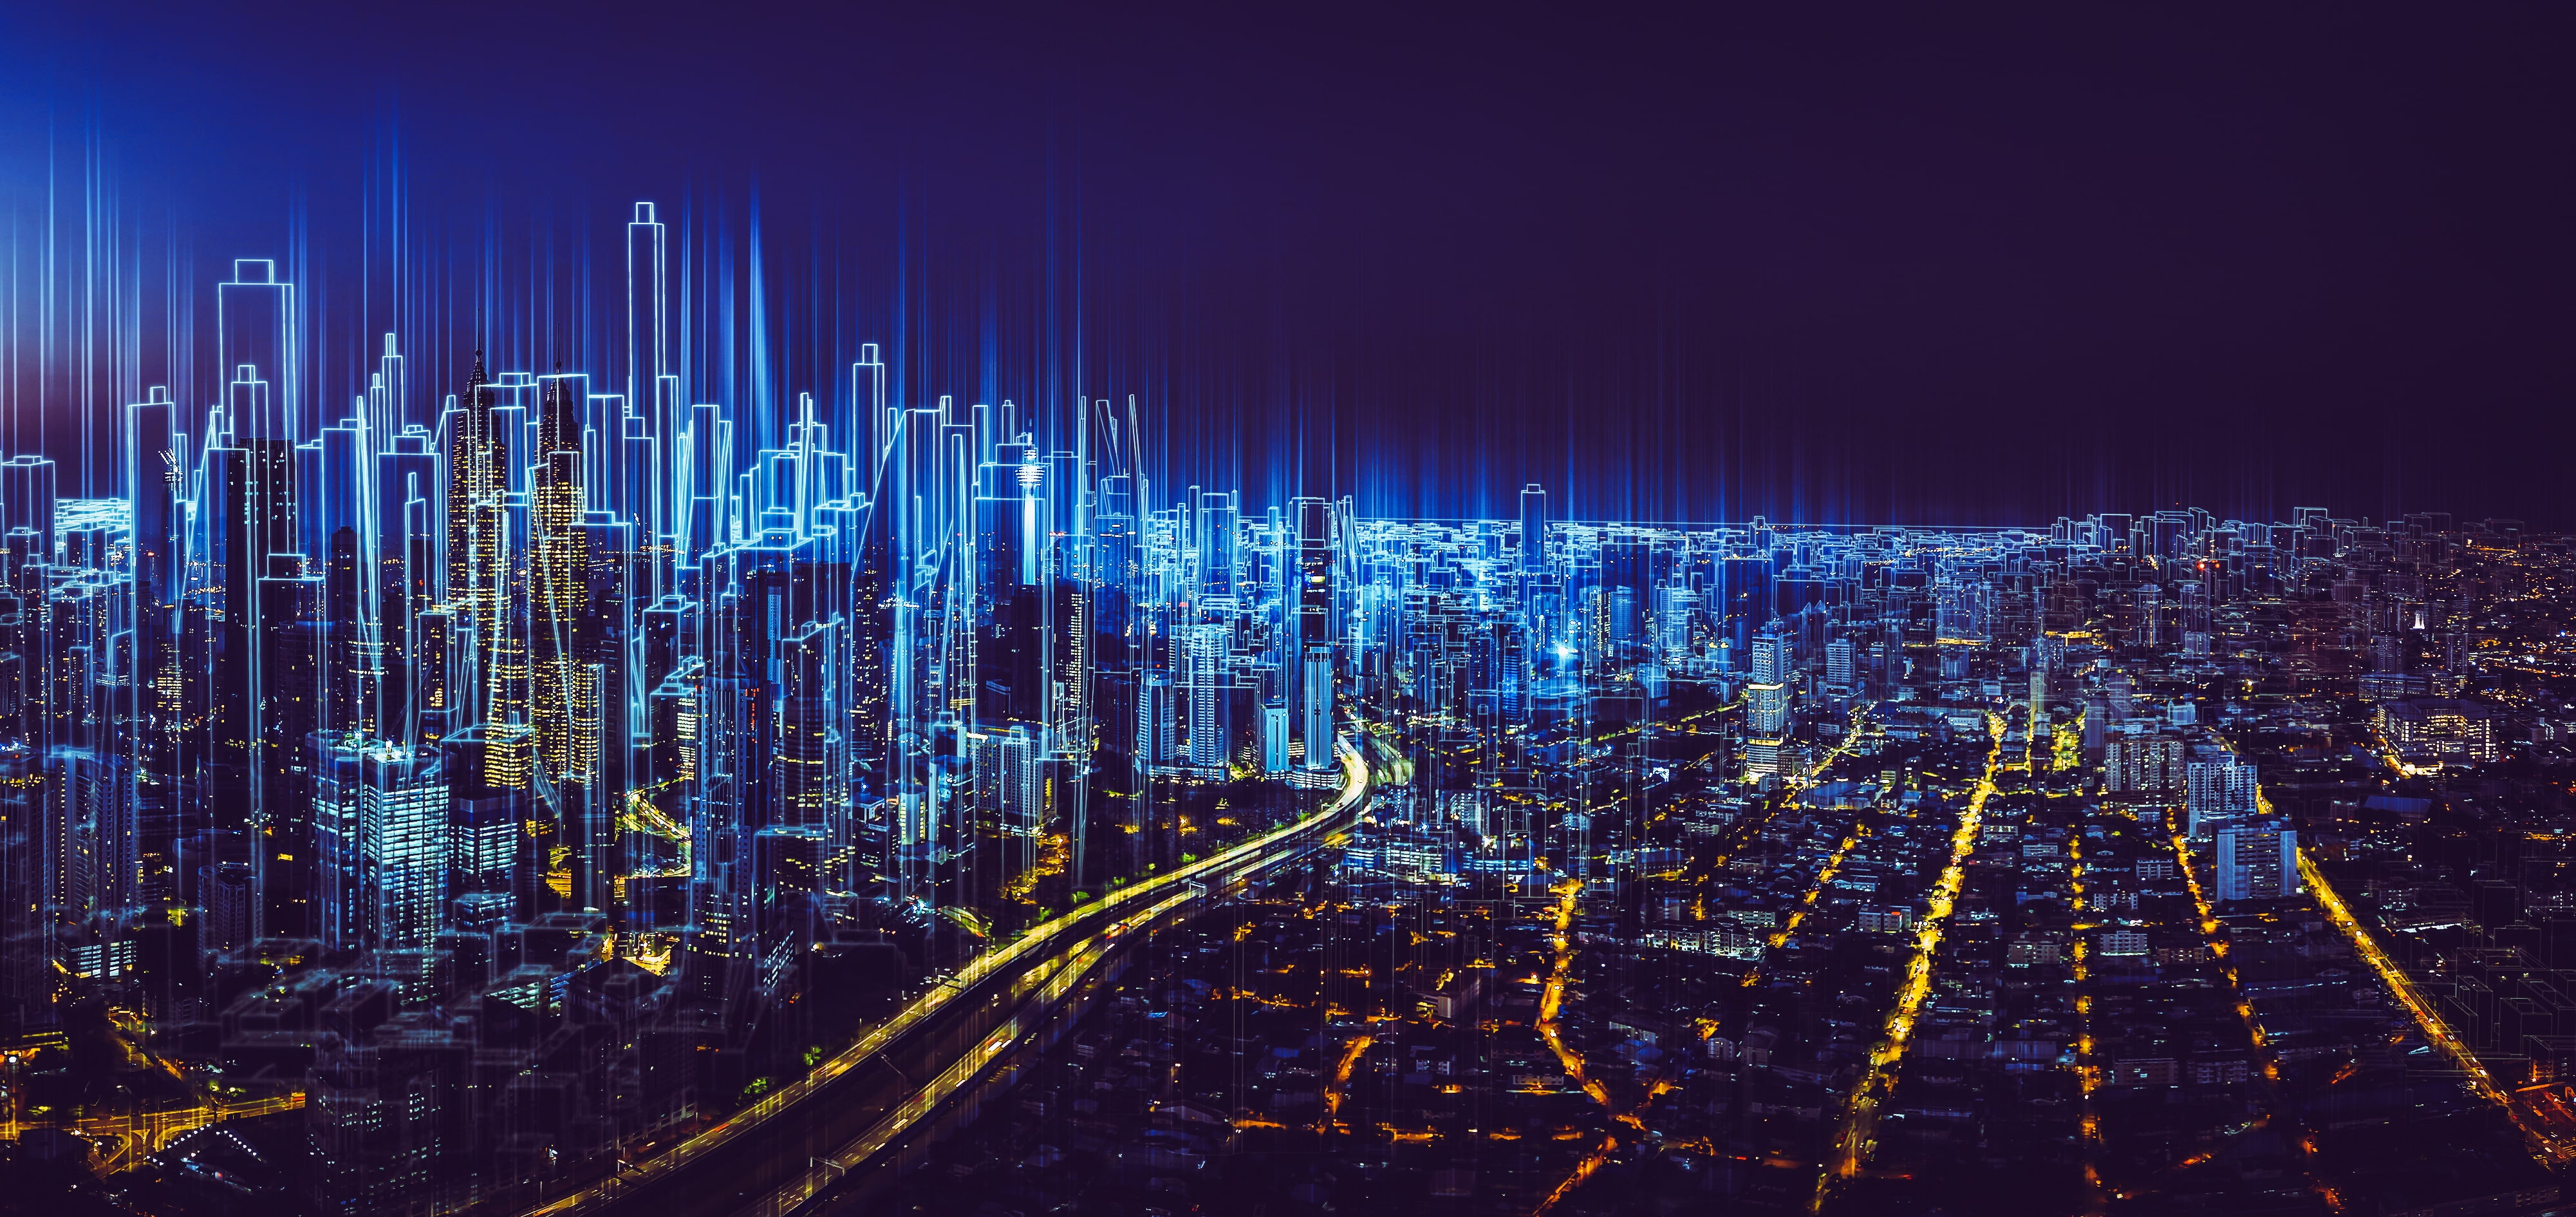 Digitale Geschäftsmodelle und Digitalisierung in der Bauindustrie: Ein Überblick